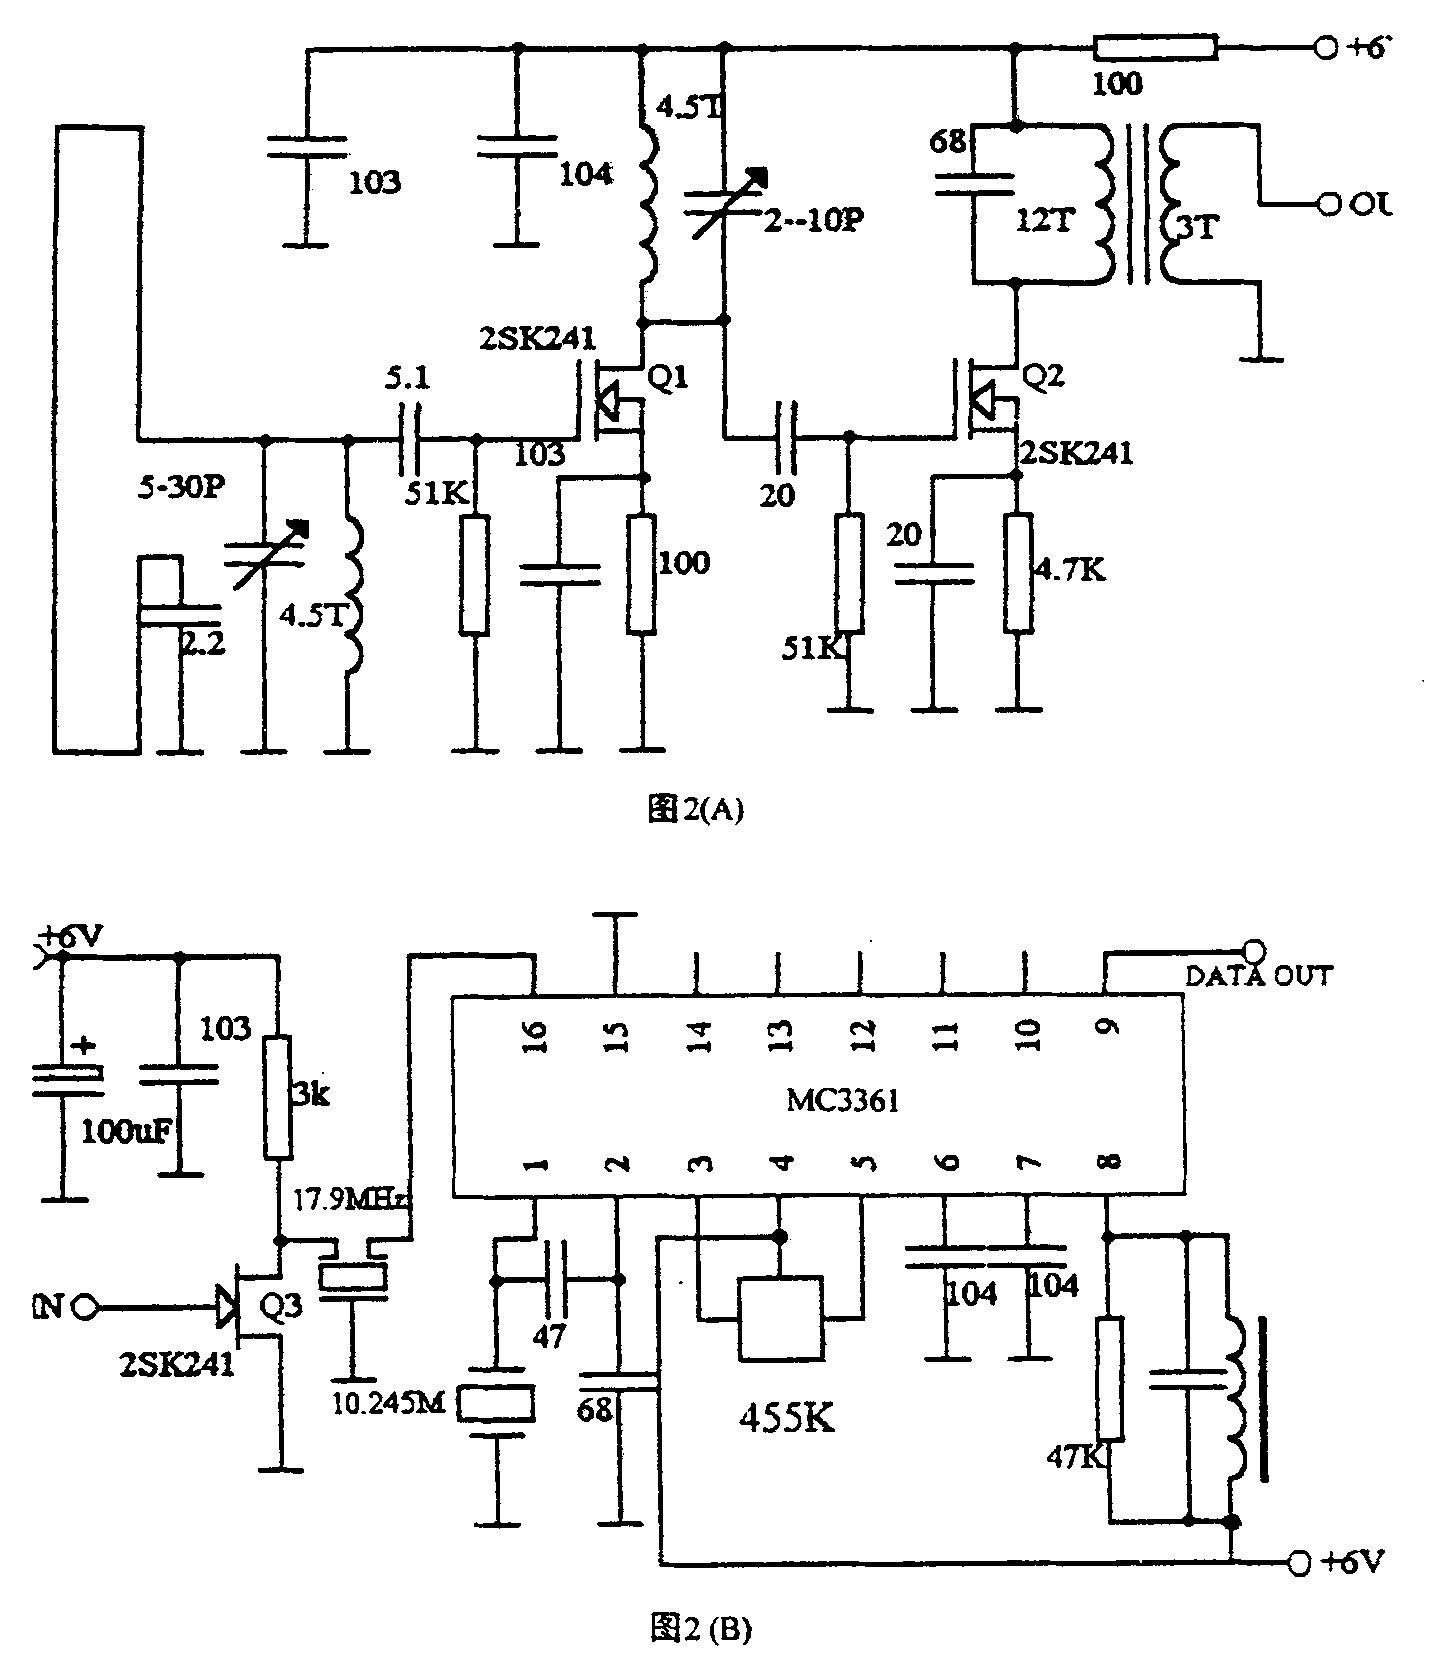 脚输入, 解调后传呼信息信号由(9) 脚输出到数据整形电路.